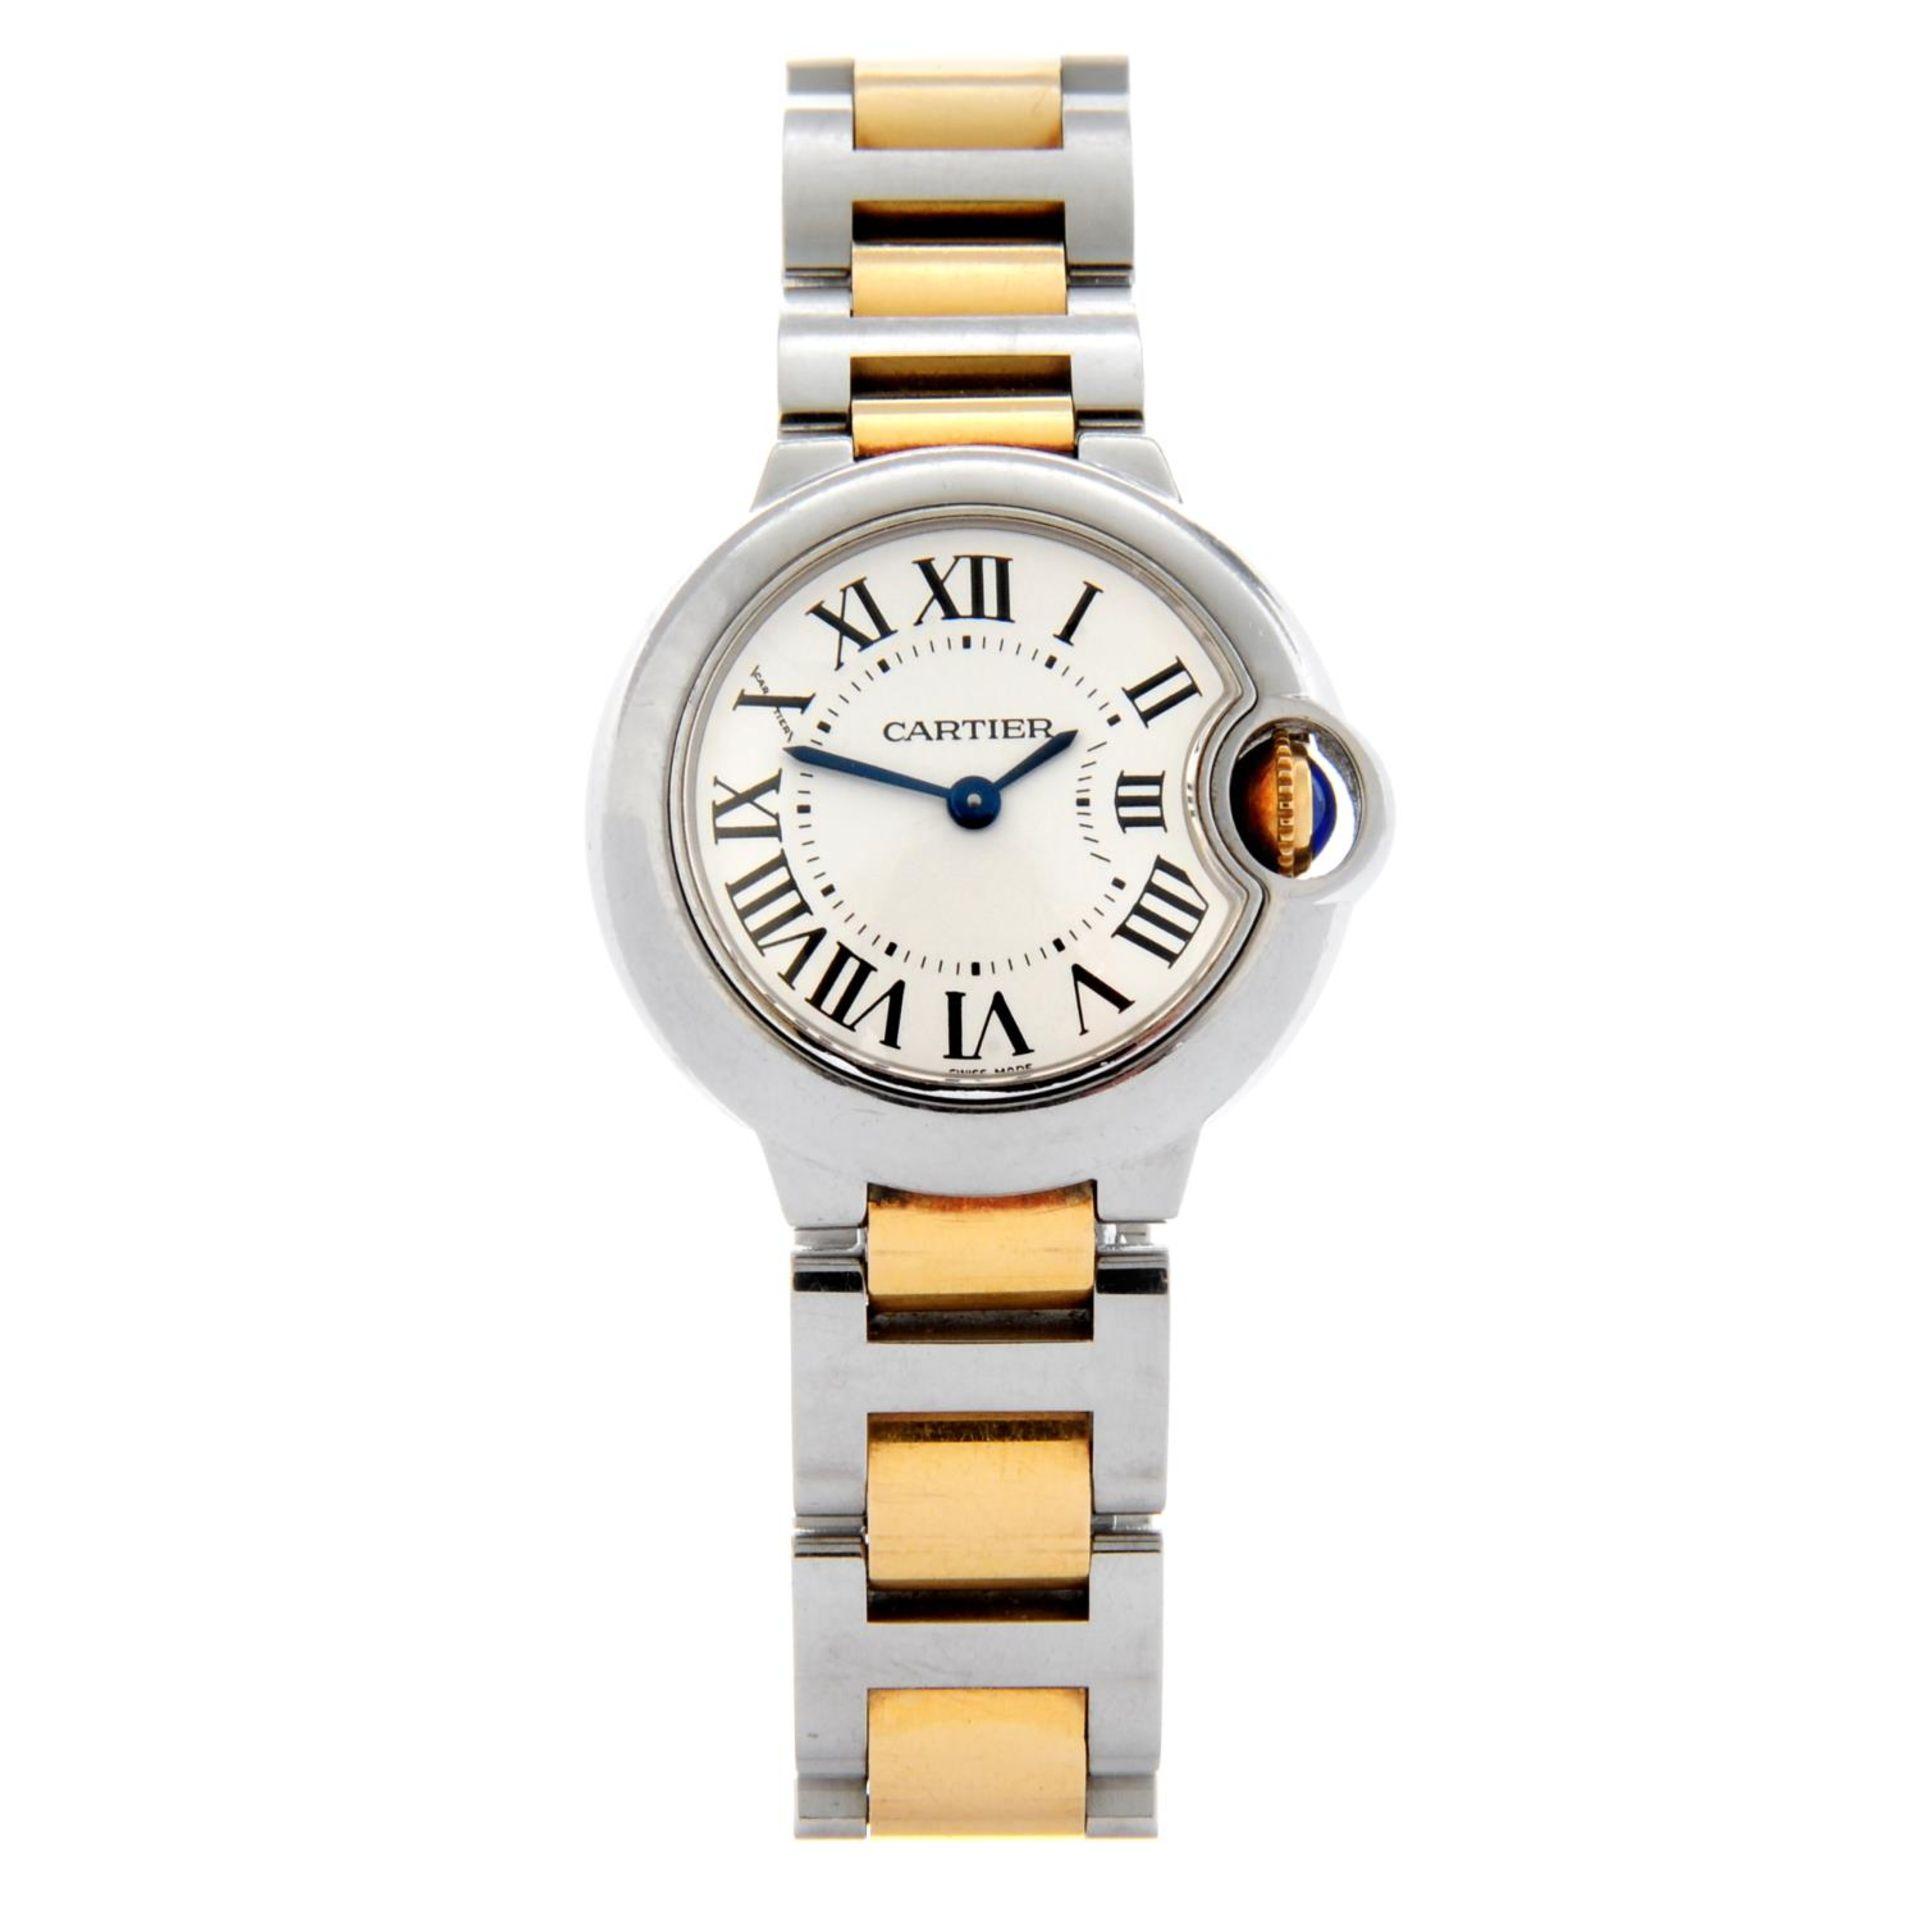 CARTIER - a Ballon Bleu bracelet watch.